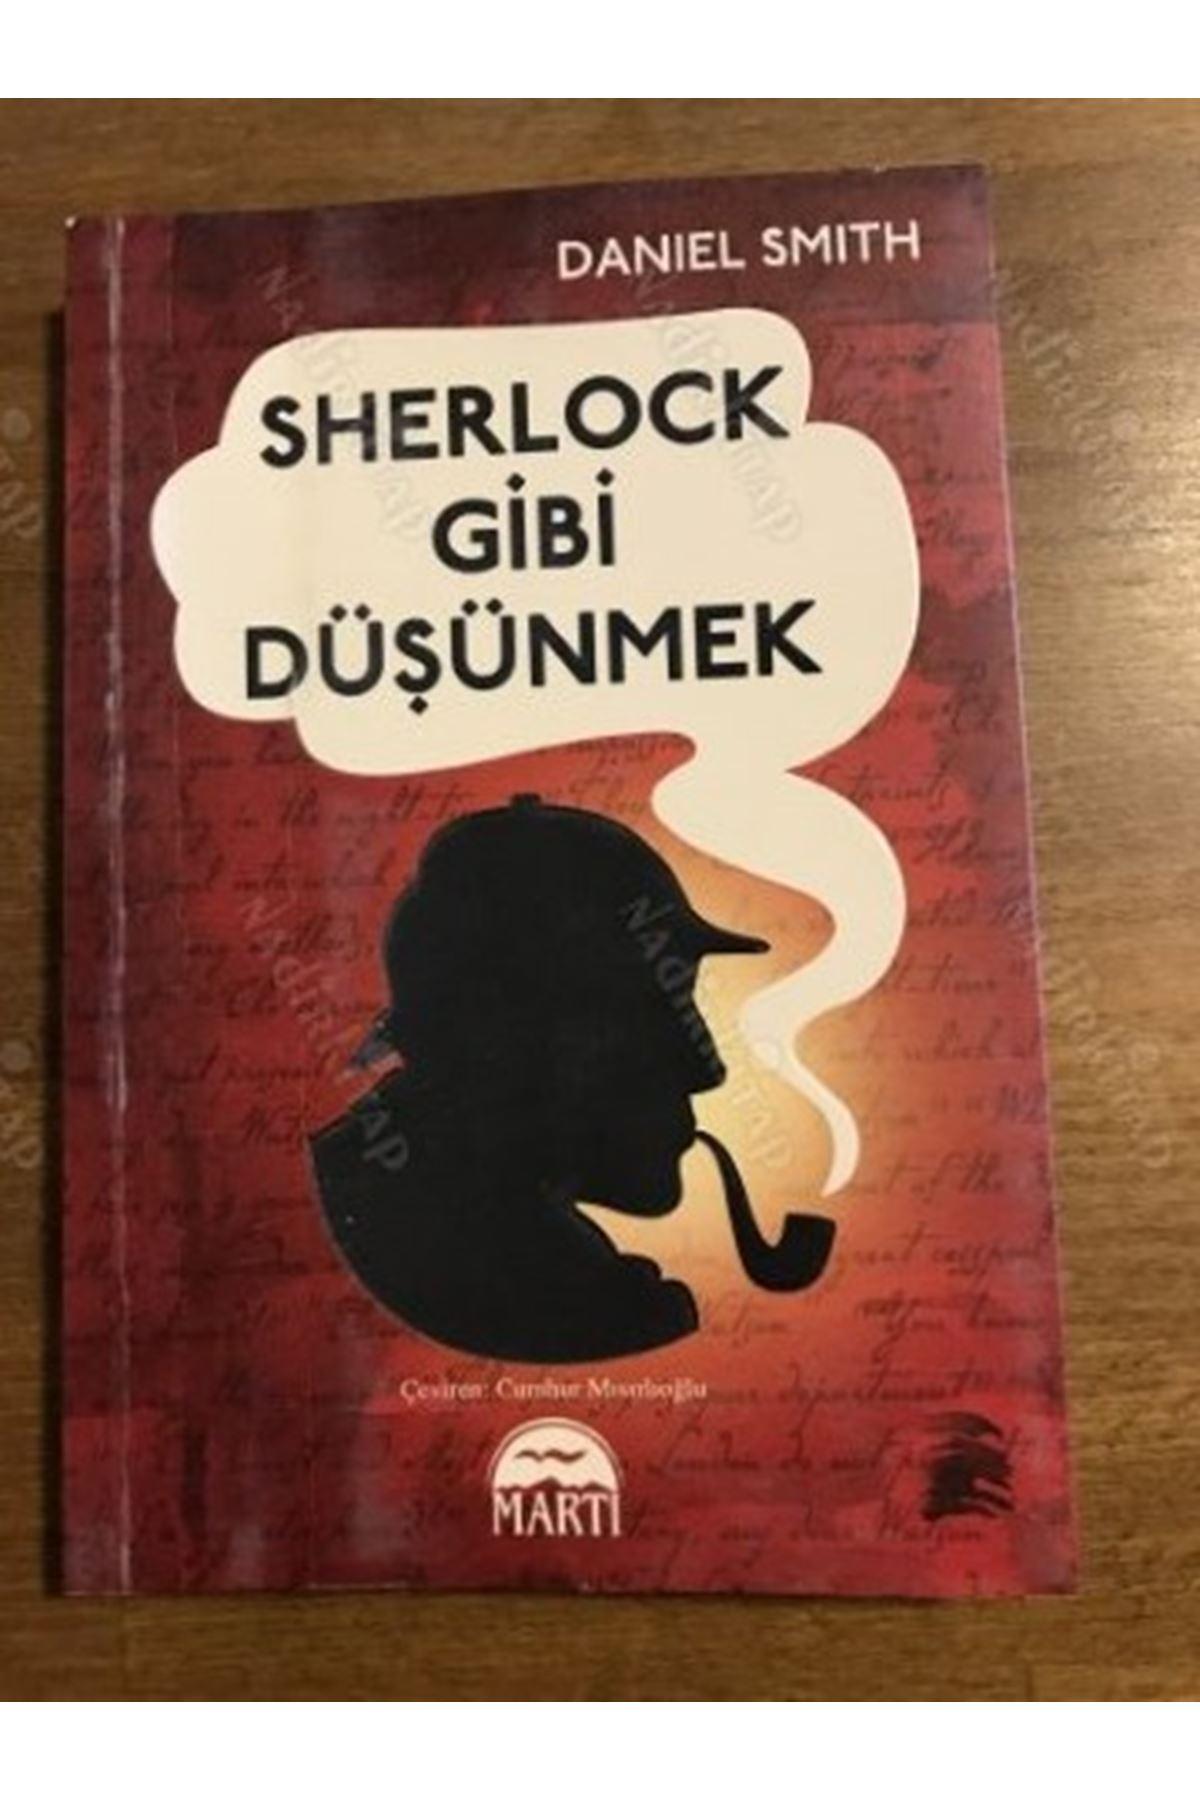 DANİEL SMİTH - SHERLOCK GİBİ DÜŞÜNMEK